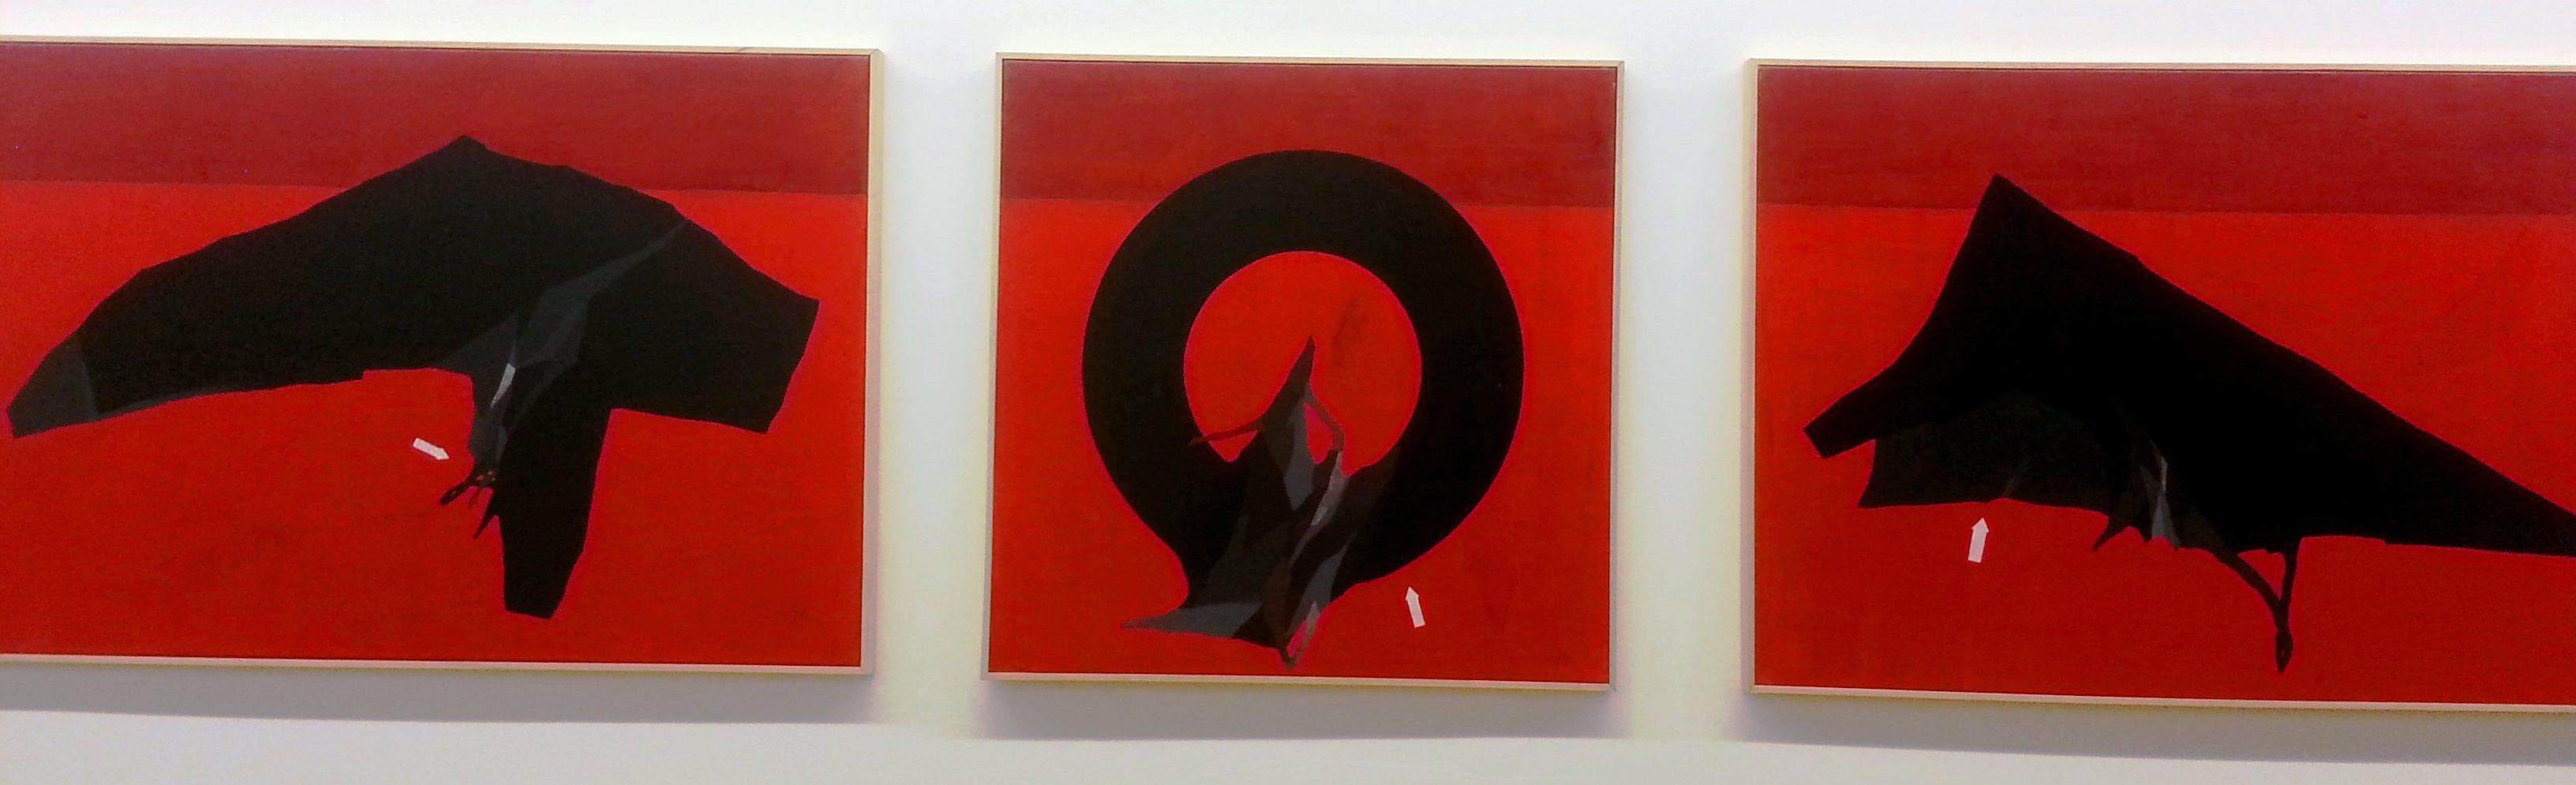 galerie slika lyon peinture 108 red tryptic expo toujours beton